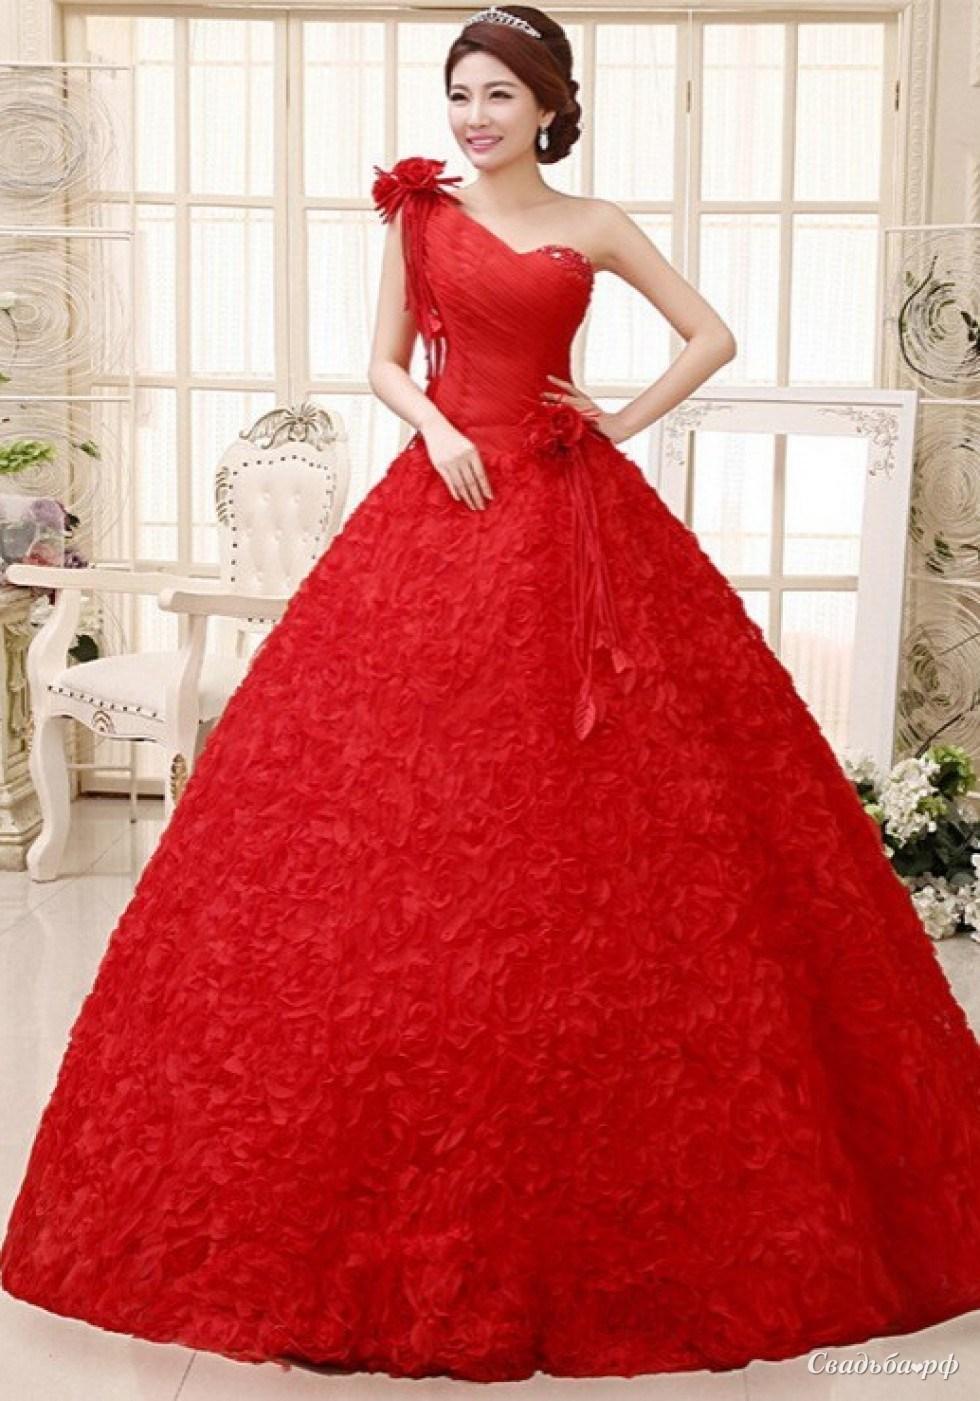 Фото свадебных платьев красного цвета пышные